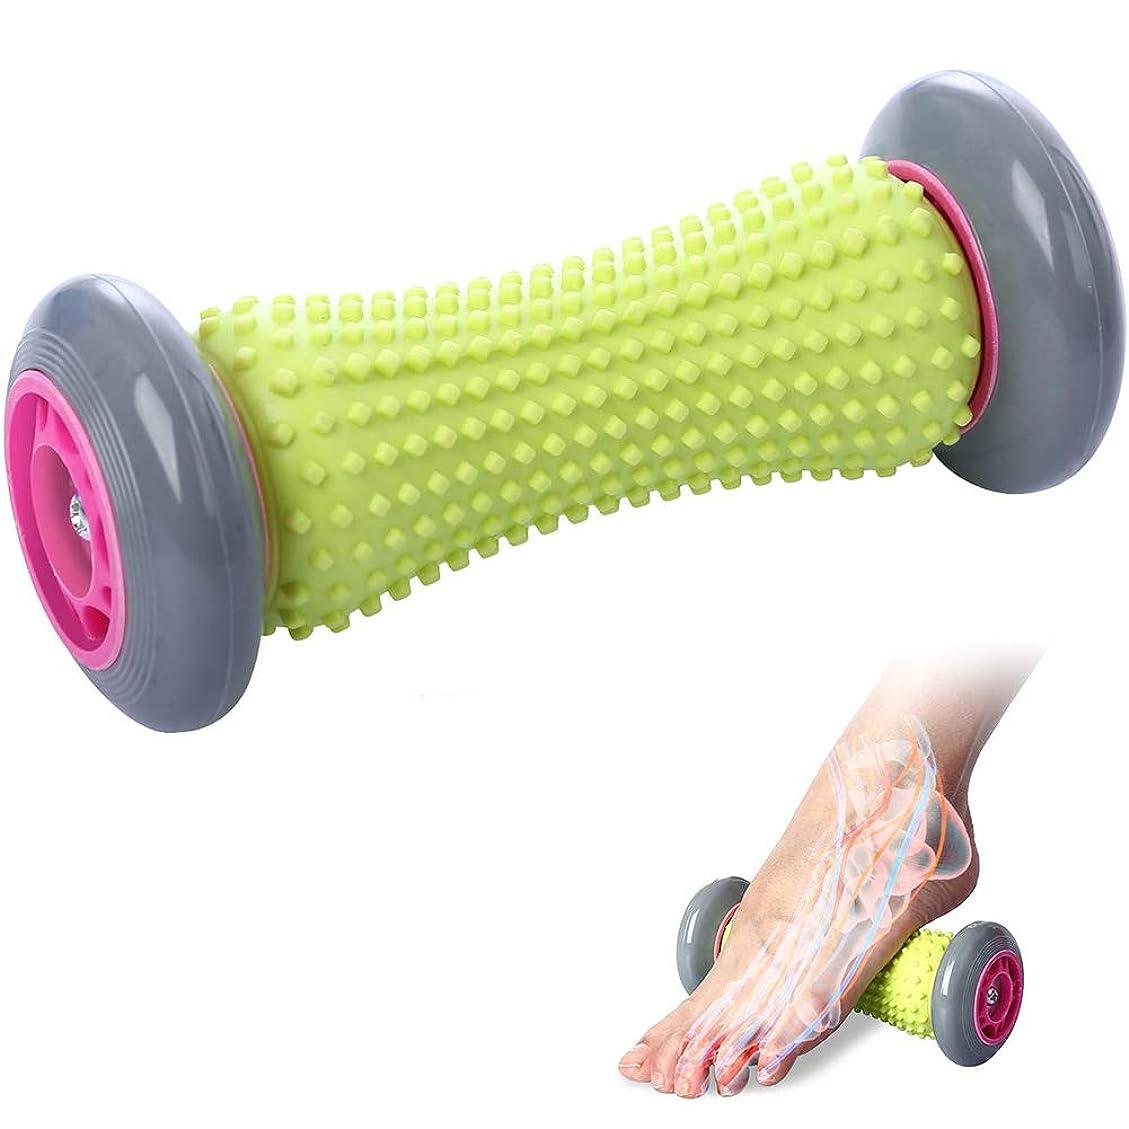 リンス隠柔らかさタイトな筋肉を回復させるための背中と足の痛みの治療のためのペダルマッサージホイール指圧足の筋膜炎足のマッサージ(16.5Cm * 6.5Cm)